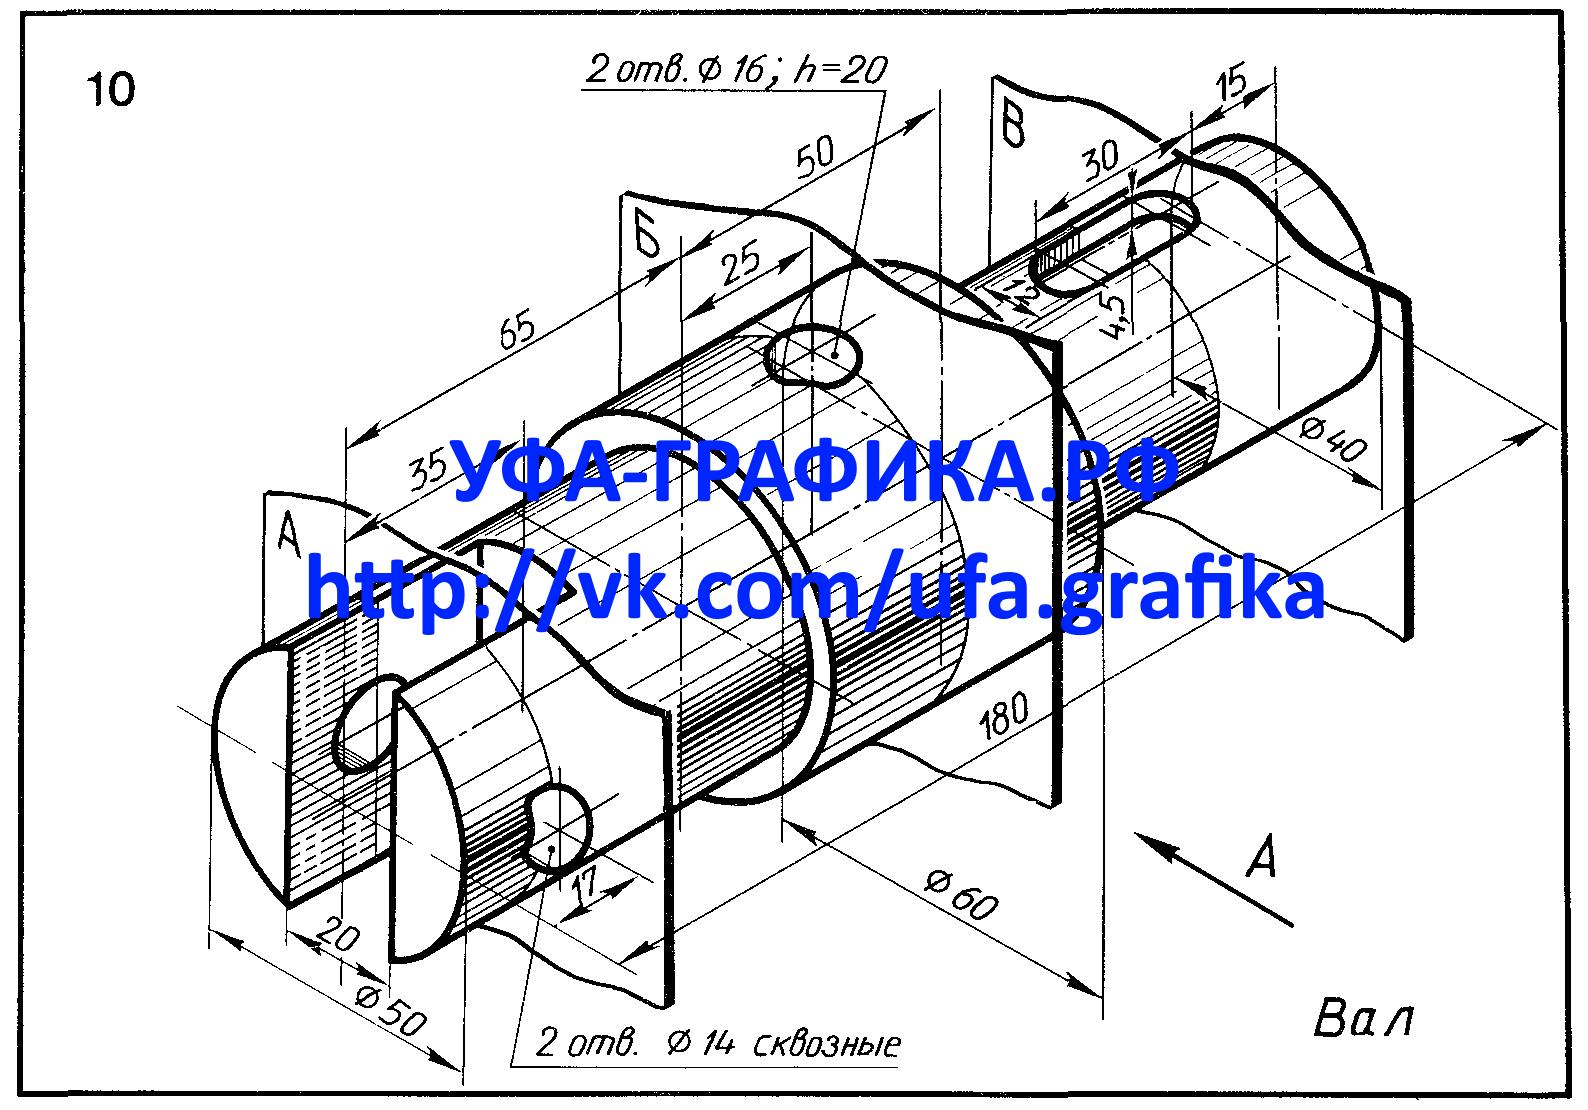 Сечения вала - Вариант 10, чертежи, деталирование, 3Д модели, начертательная геометрия, инженерная графика